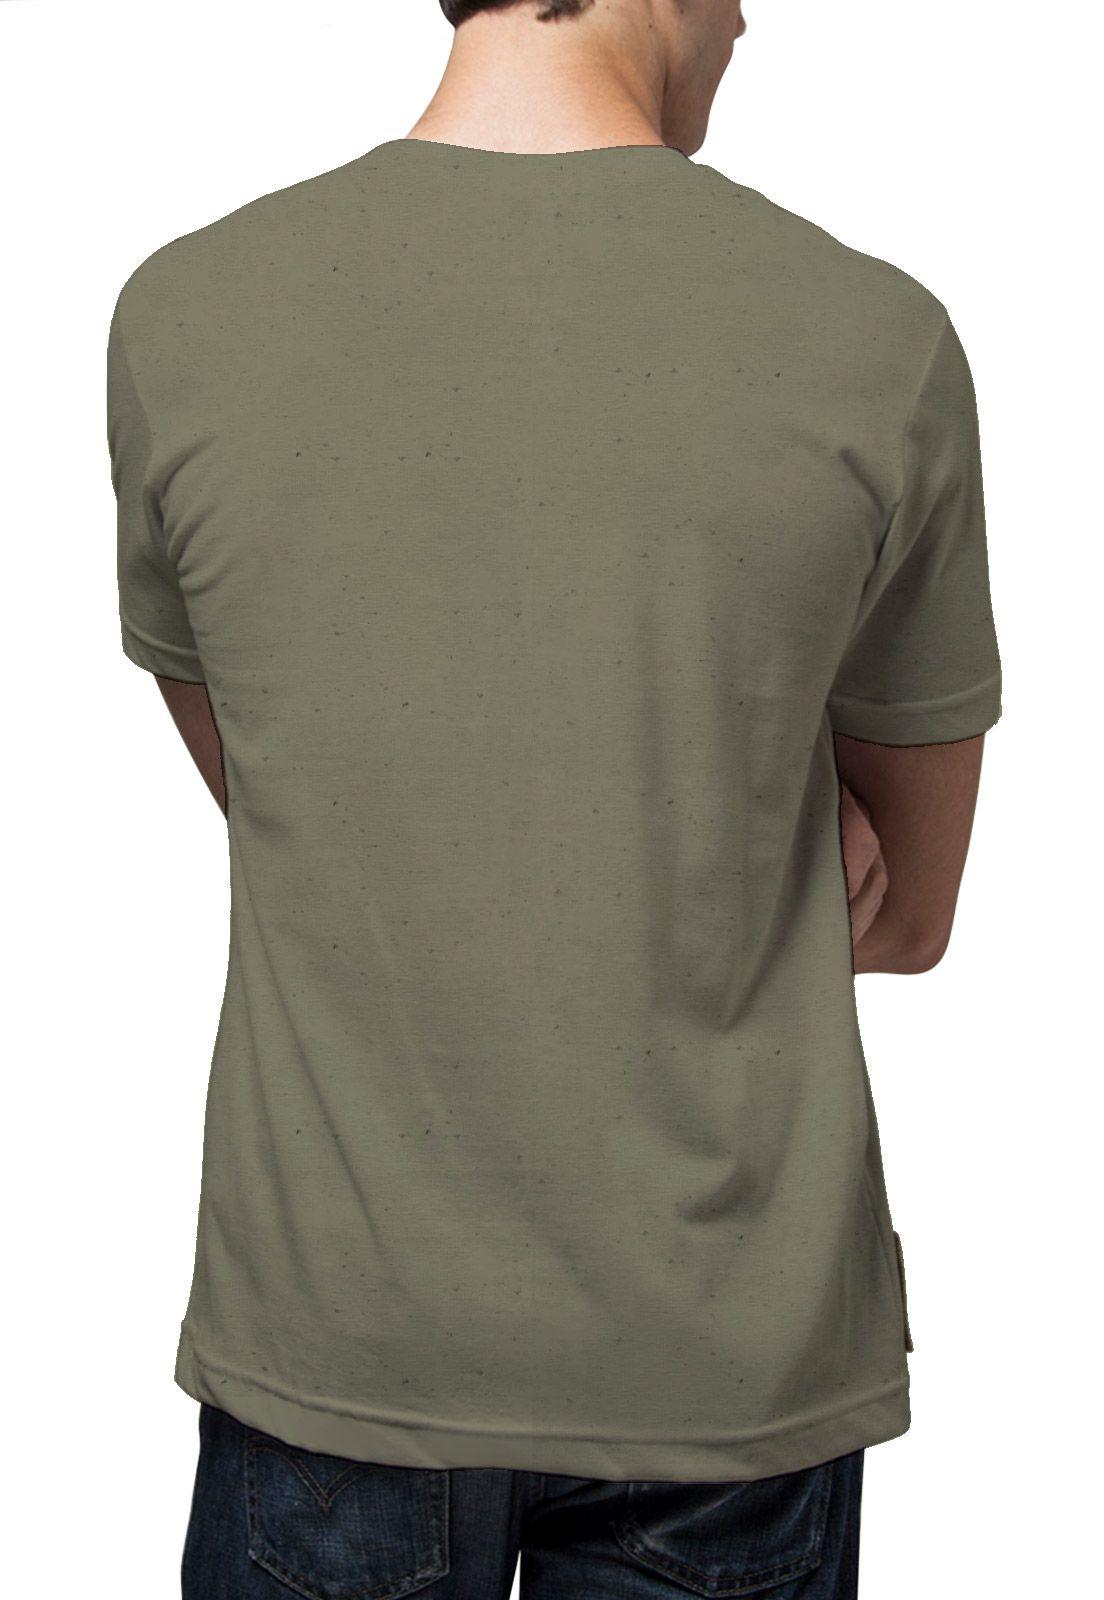 Camiseta Amazônia Linhotex Coração da Amazônia - Verde Escuro